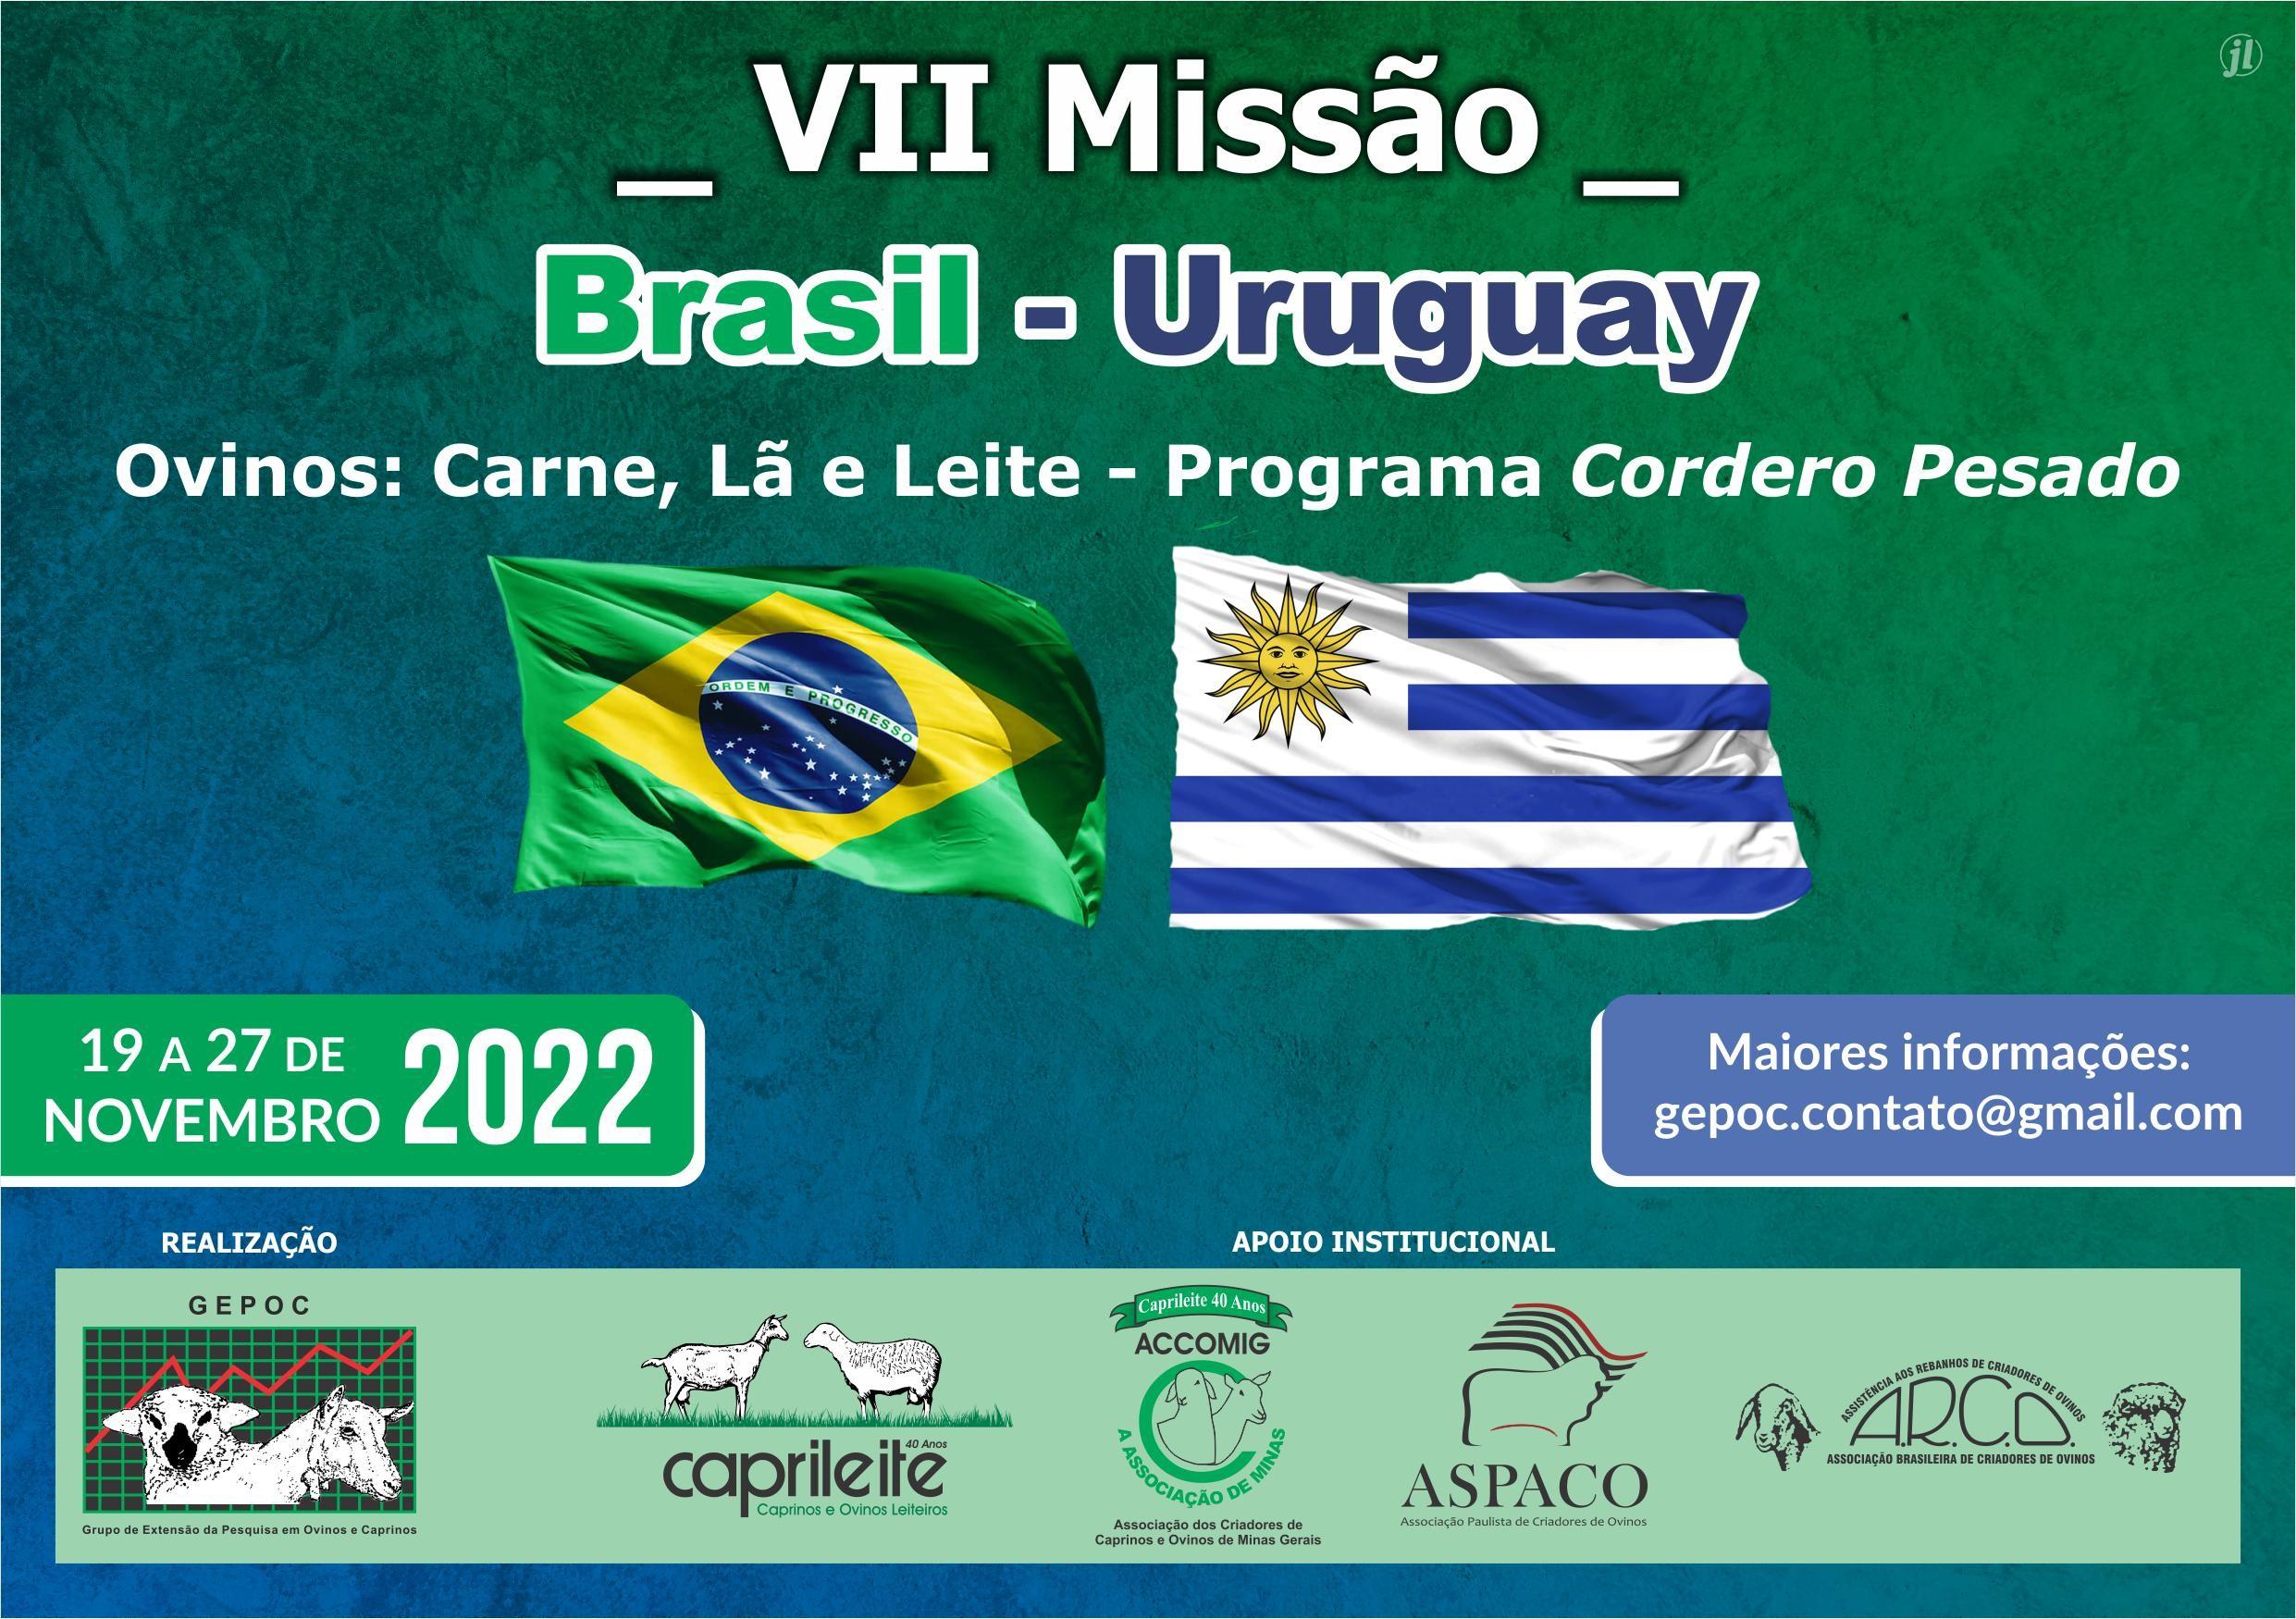 VII MISSÃO BRASIL &ndashURUGUAY19 a 27/11/2022